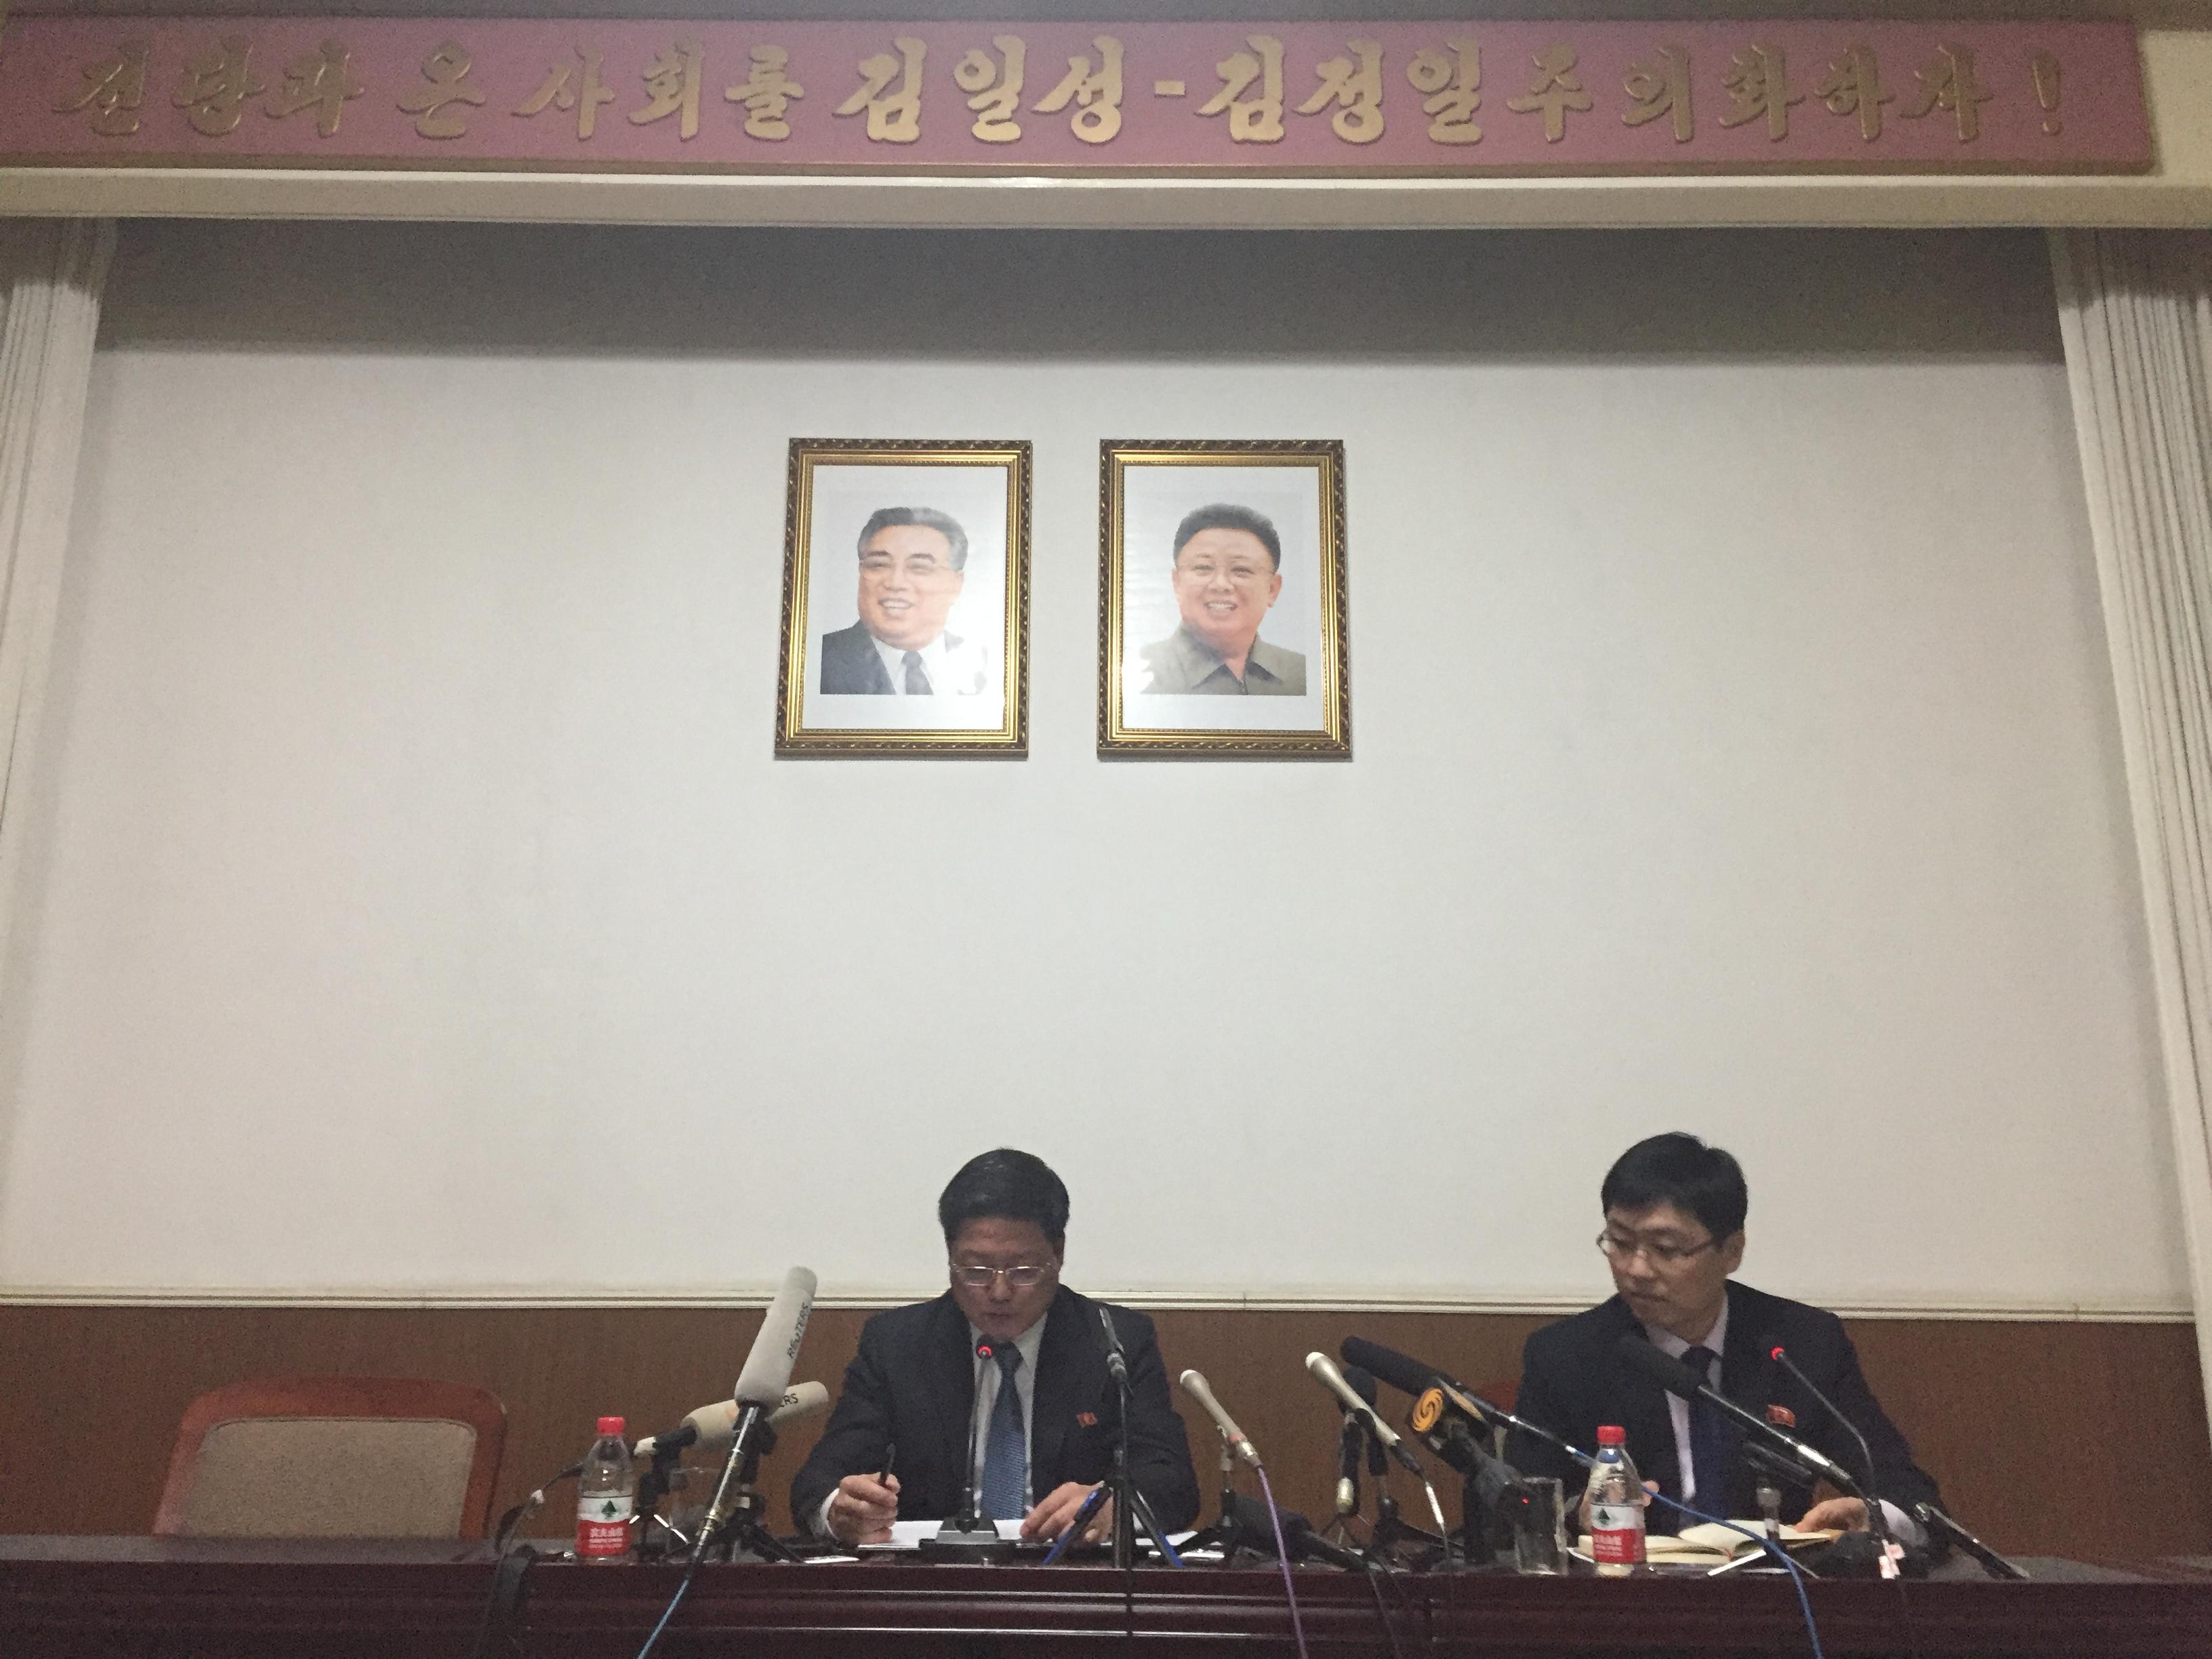 朝鲜驻华使馆:半岛局势恶化主要责任在美韩